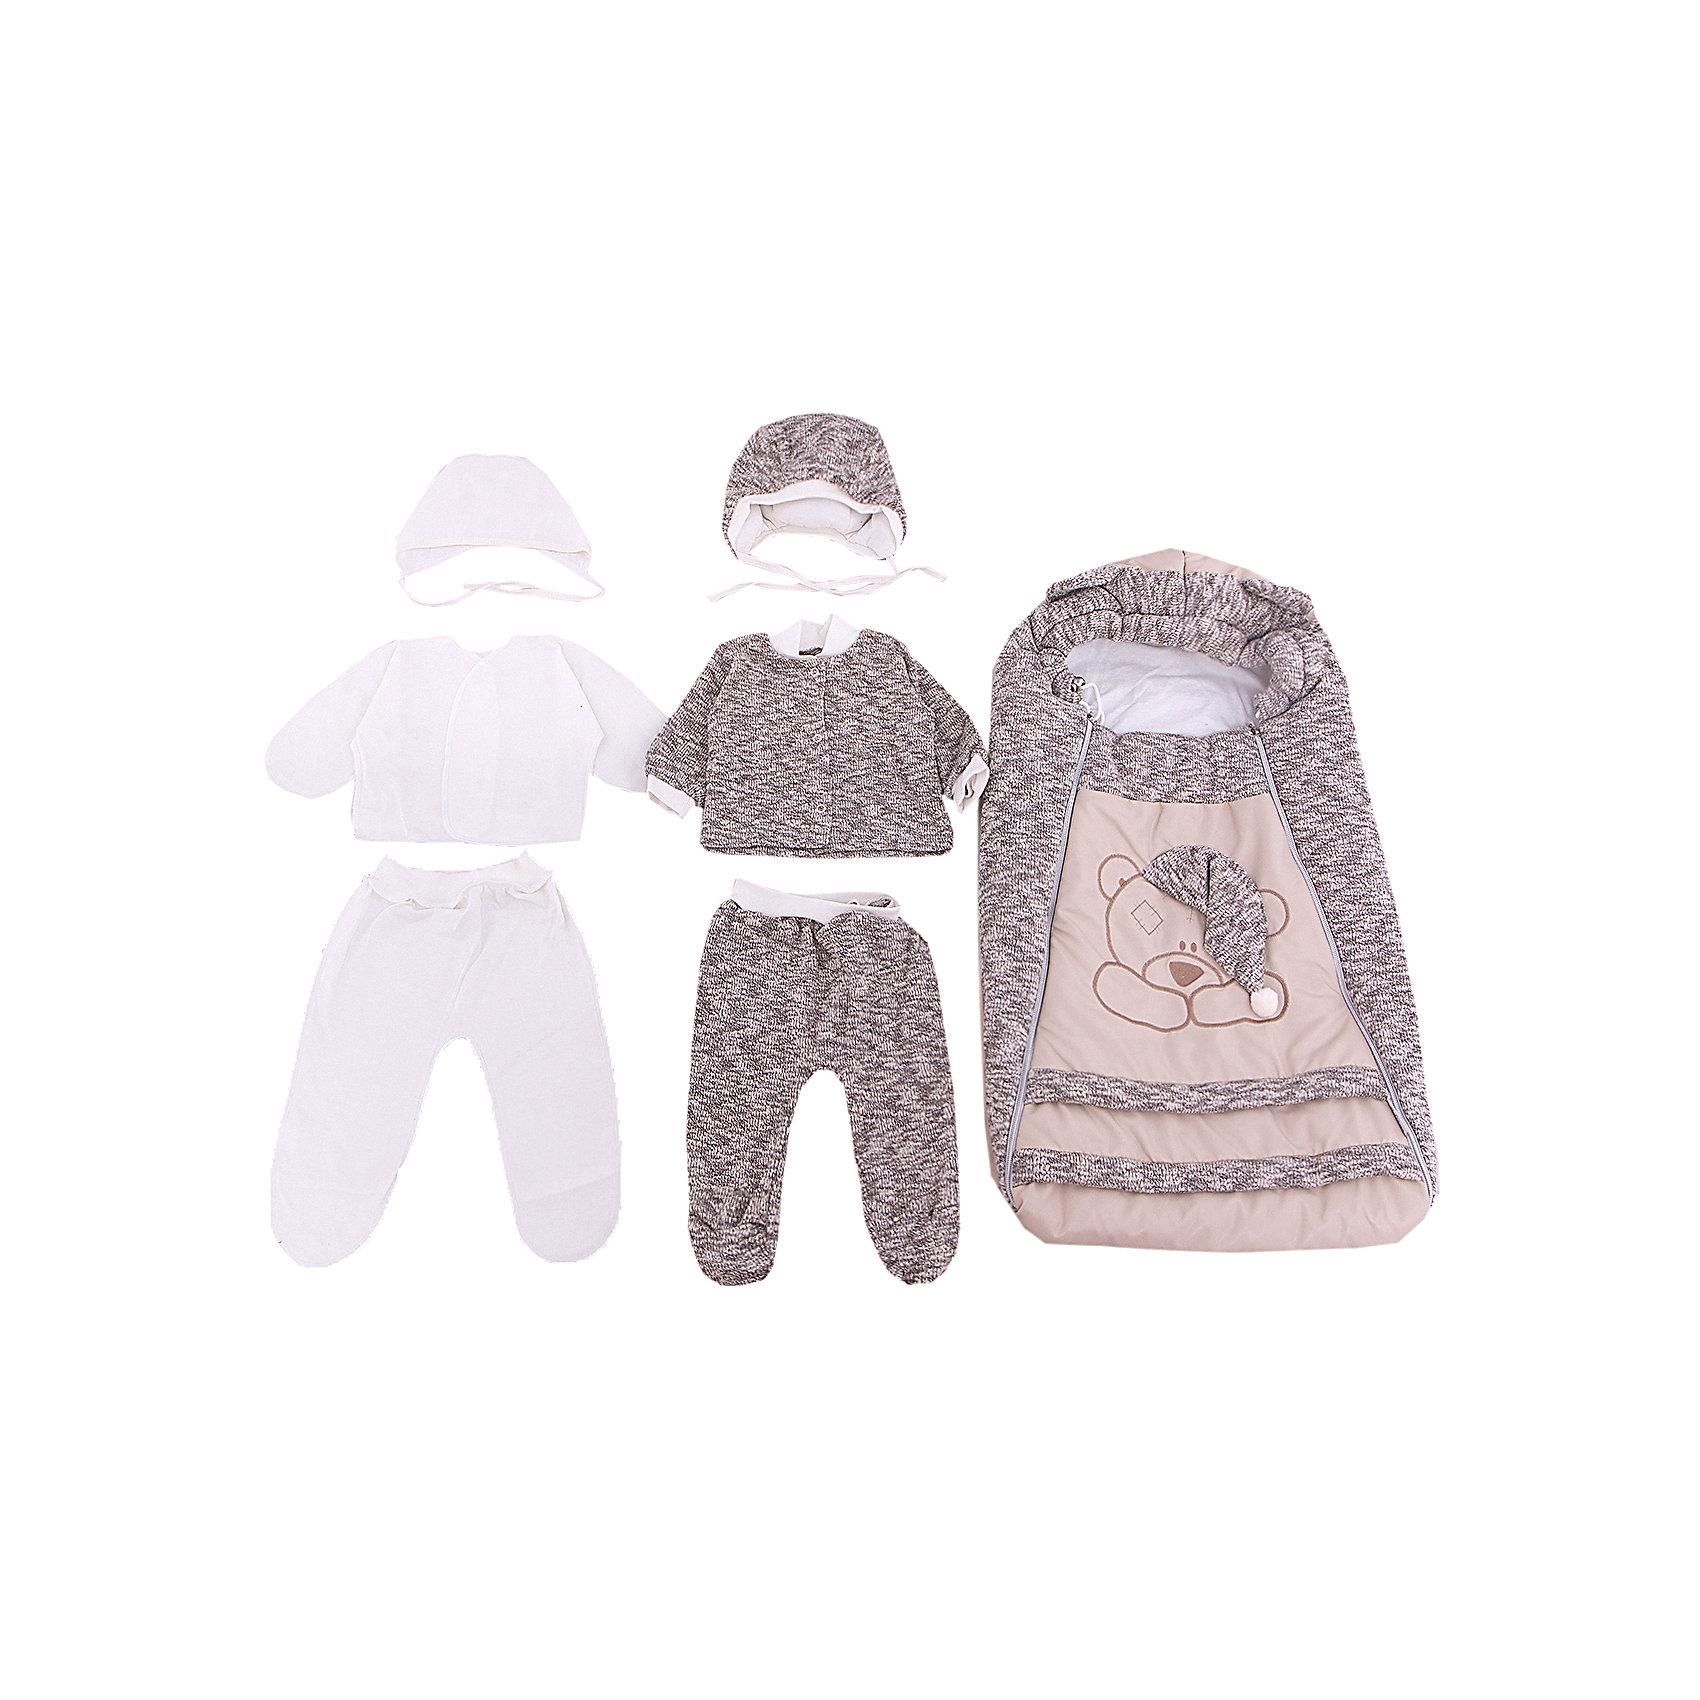 Комплект на выписку 8 пред., GulSara, 85 весна-осень Мишка вязанкаНаборы одежды, конверты на выписку<br>Характеристики:<br><br>• Вид детского текстиля: комплект на выписку<br>• Предназначение: на выписку, для прогулки<br>• Сезон: весна, осень<br>• Утеплитель: средняя степень<br>• Температурный режим: от -10? С до +20? С<br>• Пол: универсальный<br>• Тематика рисунка: медвежонок<br>• Материал: велсофт, трикотаж<br>• Цвет: молочный, бежевый<br>• Комплектация:<br> конверт на 2-х молниях – 1 шт. 75*40 см<br> шапочка на синтепоне – 1 шт. р-р 56-36<br> одеяло утепленное – 1 шт. р-р 95*100 см<br> кофточка из вязаного трикотажа – 1 шт. р-р 56-36<br> ползунки из вязаного трикотажа – 1 шт. р-р 56-36<br> ползунки – 1 шт. р-р 56-36<br> распашонка – 1 шт. р-р 56-36<br> чепчик – 1 шт. р-р 56-36<br>• Особенности ухода: машинная стирка при температуре 30 градусов без использования отбеливающих и красящих веществ<br><br>Комплект на выписку 8 пред., GulSara, 85 весна-осень Мишка вязанка от отечественного швейного производства, который выпускает современный текстиль и товары для новорожденных, изготовленных на основе вековых традиций. В своем производстве GulSara использует только экологичные и натуральные материалы, что обеспечивает их безопасность даже для малышей с чувствительной кожей. Набор предназначен для выписки в осенне-весенний период и состоит из утепленного конверта, шапочки и одеяла на синтепоне. <br><br>В качестве наполнителя использован синтепон – легкий, но при этом гипоаллергенный материал. Для промежуточного слоя одежды в наборе предусмотрены кофточка и ползунки, выполненные из вязаного трикотажного полотна. Комплект нижней одежды состоит из ползунков, распашонки и чепчика, изготовленных из натурального хлопка. Передняя полочка конверта оформлена аппликацией в виде медвежонка с забавным колпаком, а капюшон – декоративными ушками. Комплект на выписку 8 пред., GulSara, 85 весна-осень Мишка вязанка создаст изысканный и неповторимый образ вашего малыша!<br><br>Комплект на